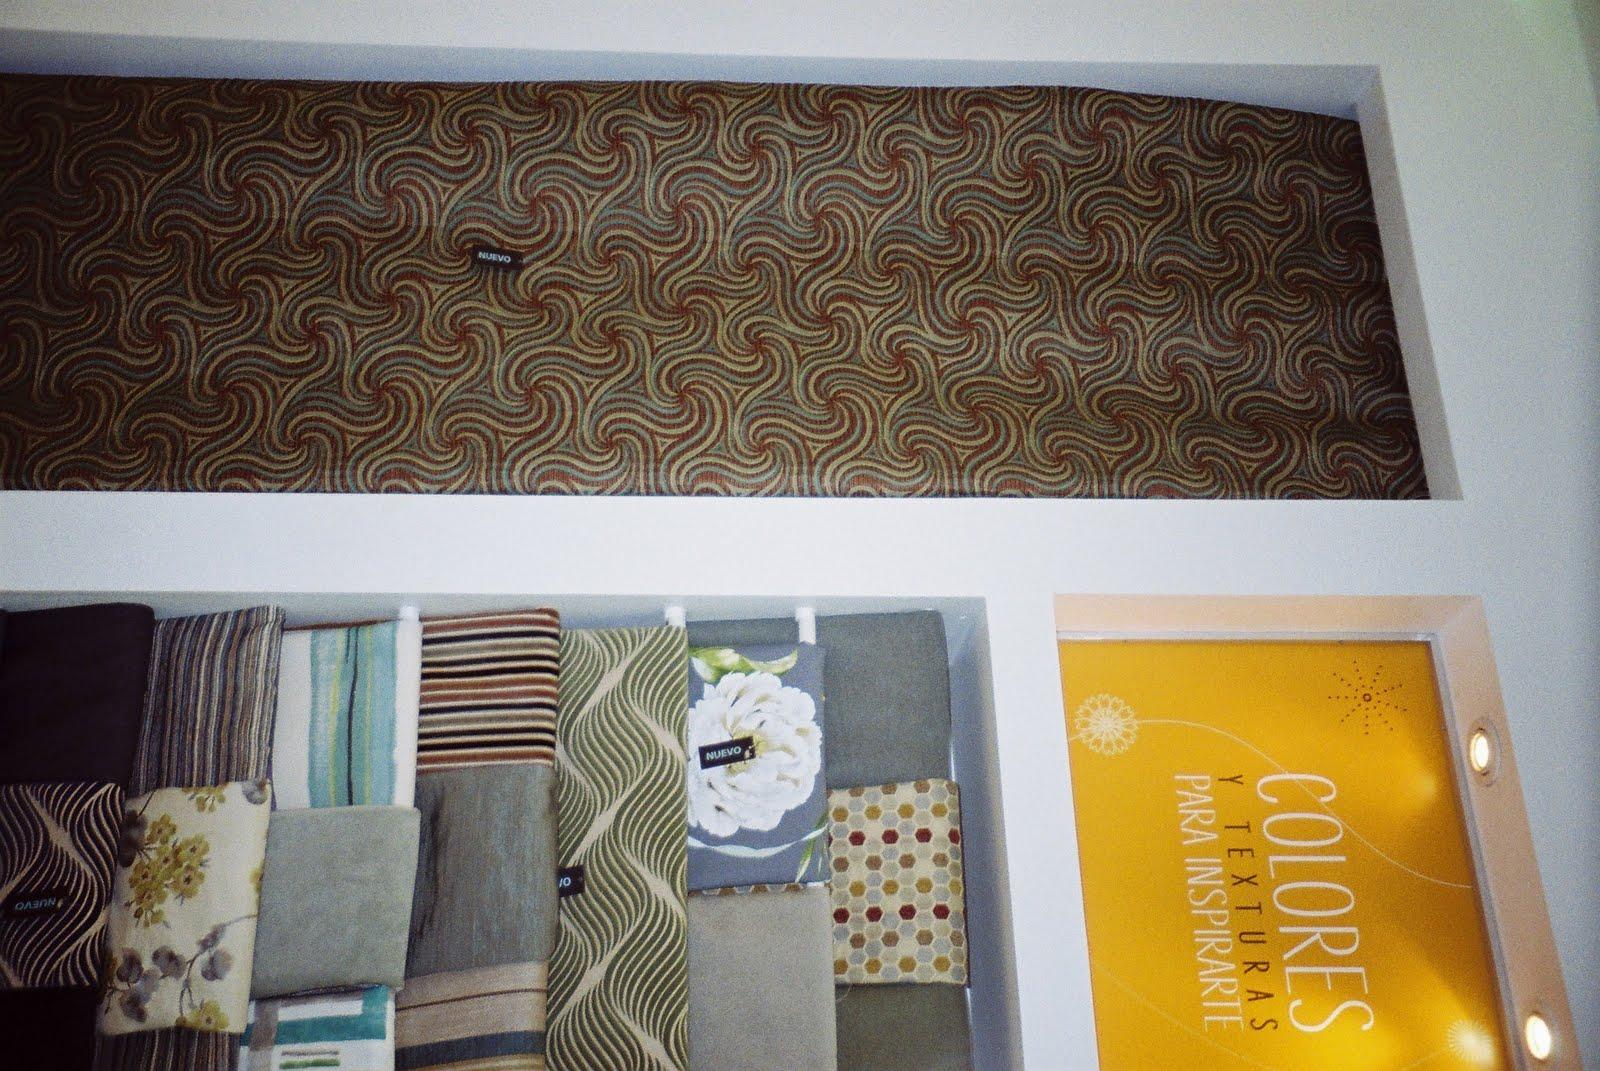 El Dise O De Cojines En La Decoracion # Muebles Sur Parque Arauco